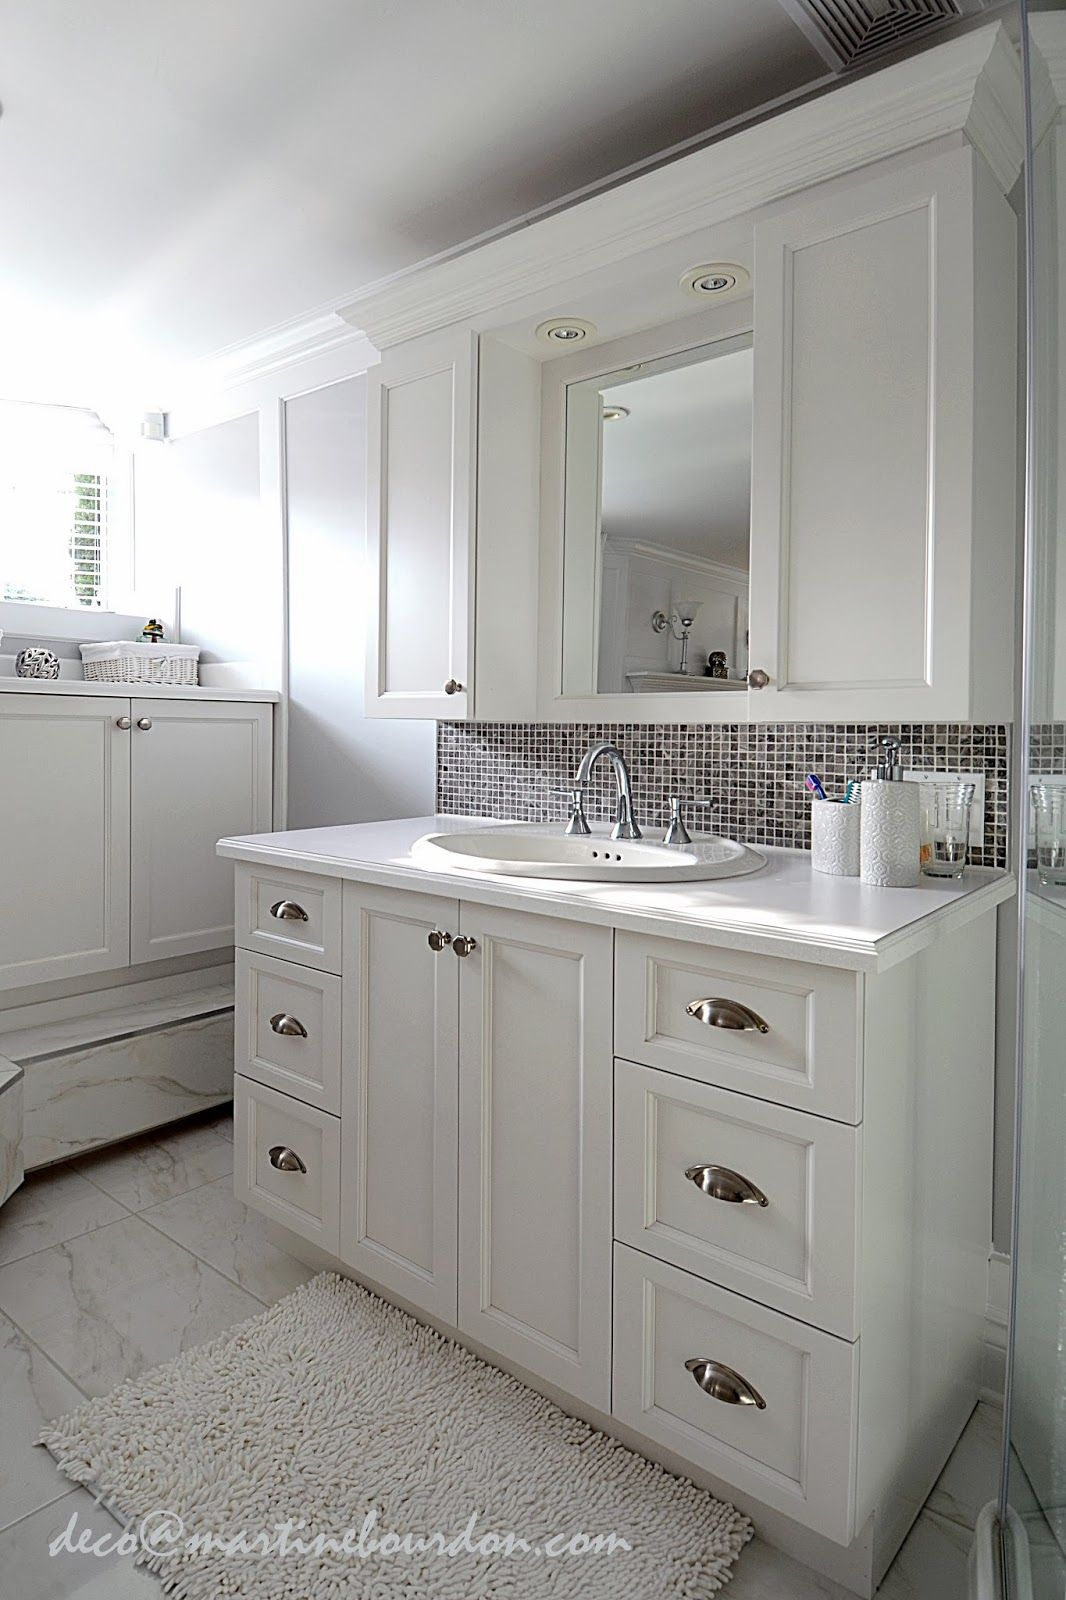 Deco Salle De Bain Blanche Et Grise ~ l espace d co beaucoup de blanc un peu de gris chambre et salle